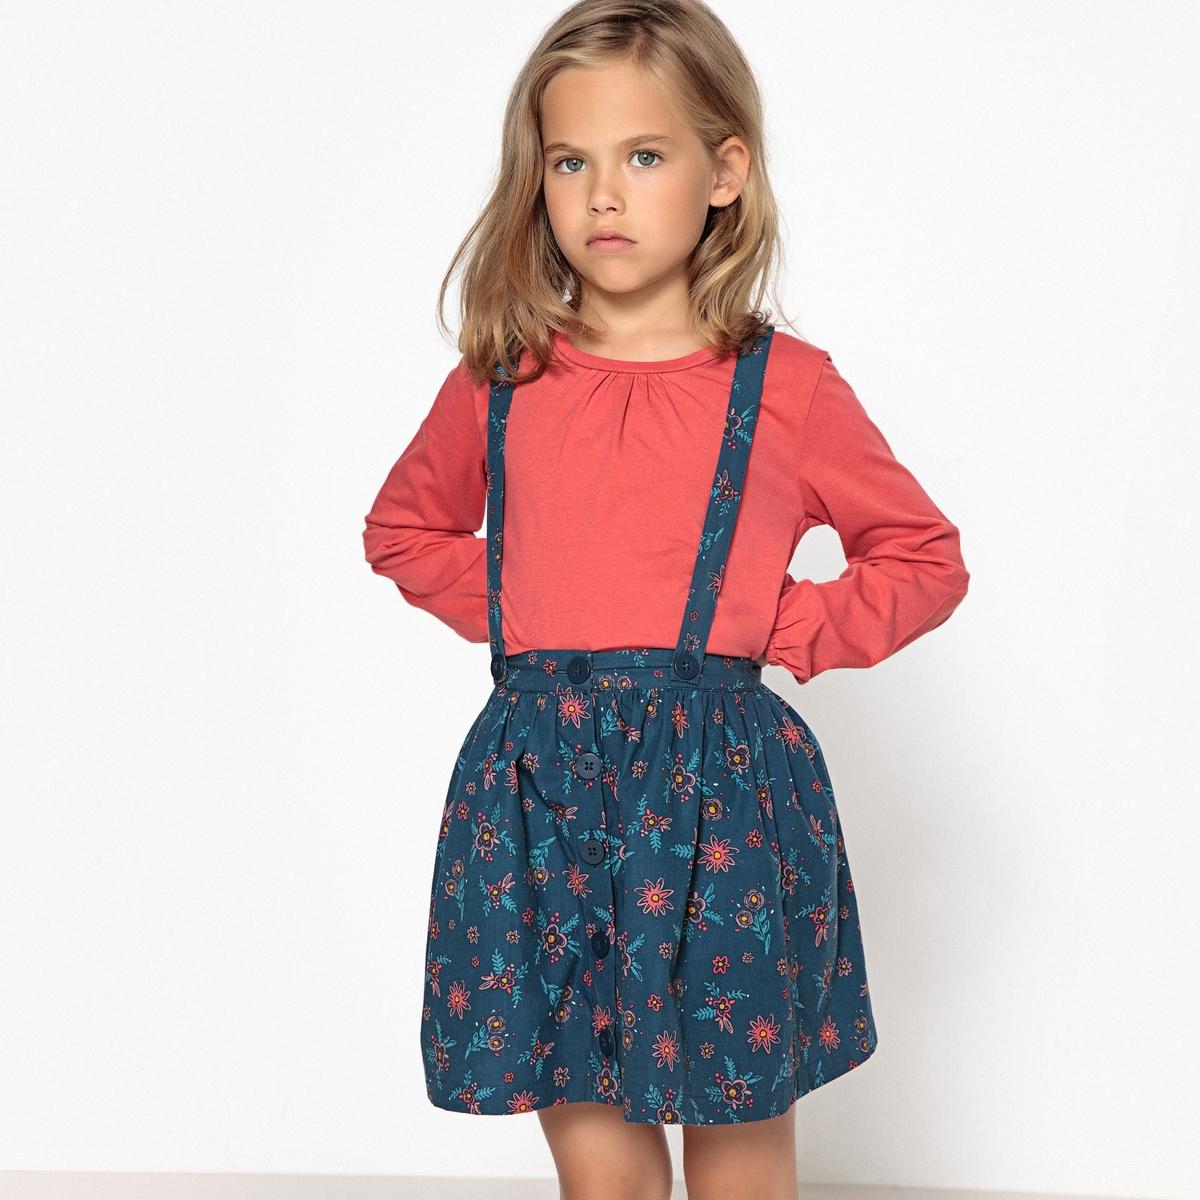 Комплект из футболки и юбки с рисунком, 3-12 лет